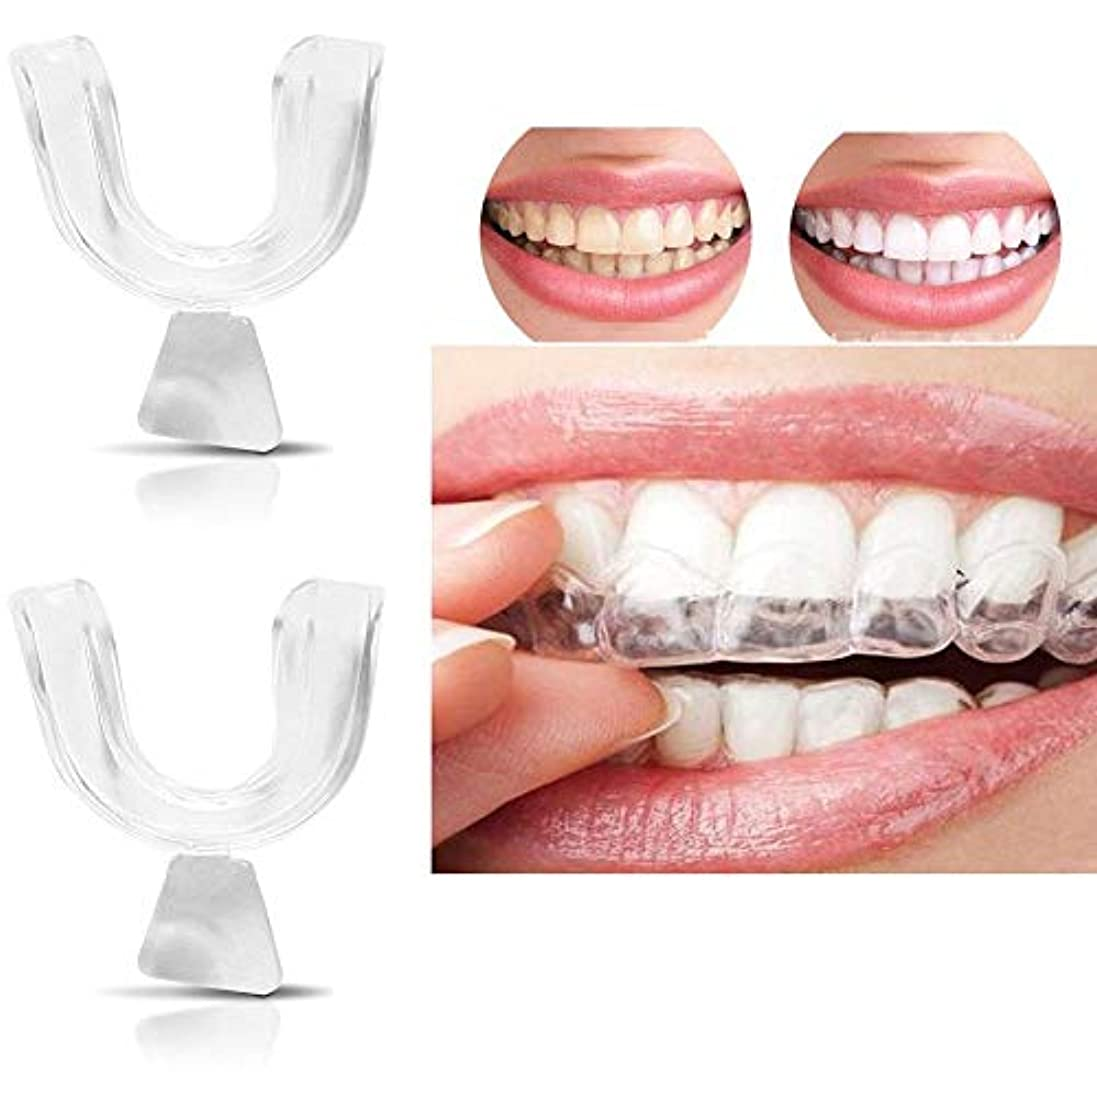 ページ結婚式ムス2ピース歯ホワイトニングトレイ成形可能な透明シリコーン熱成形歯科用マウスガードホワイトナーマウスケア